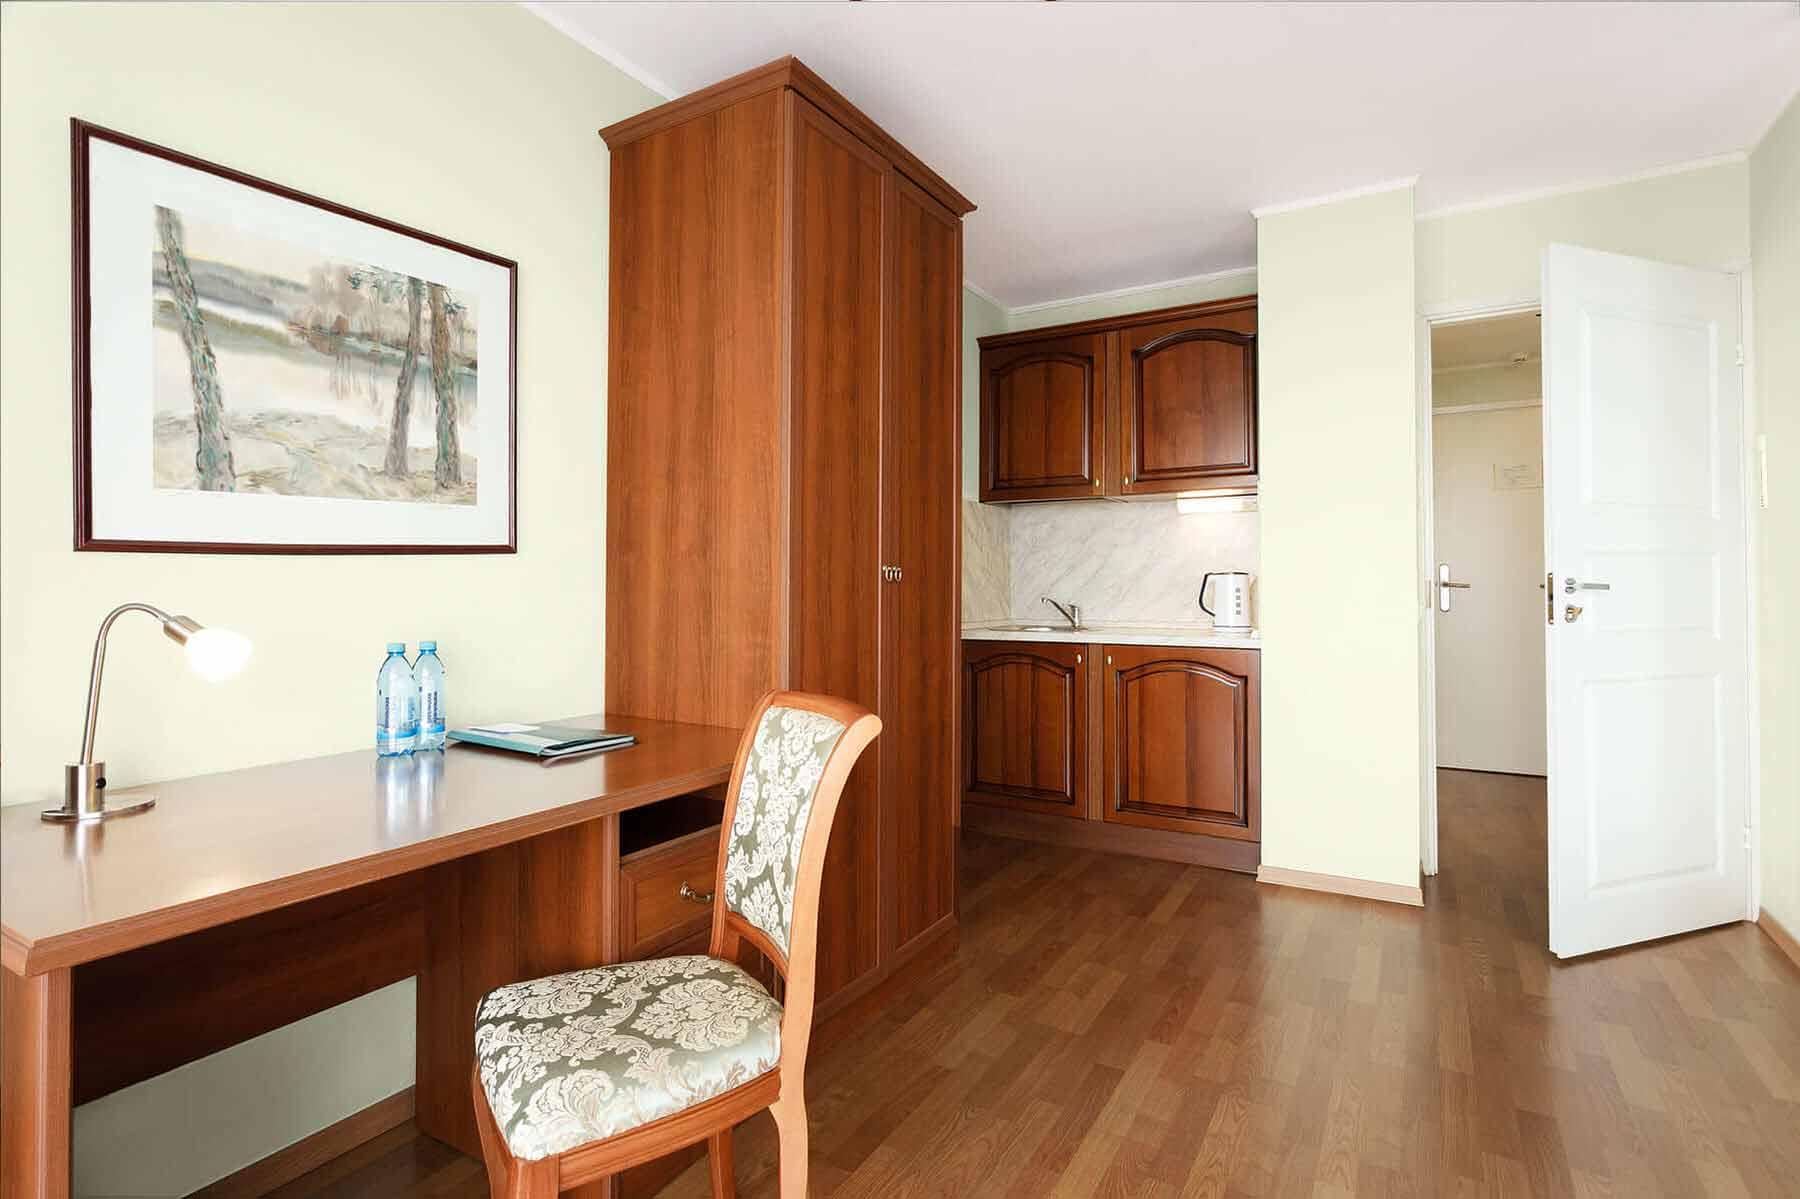 апартаменты-2